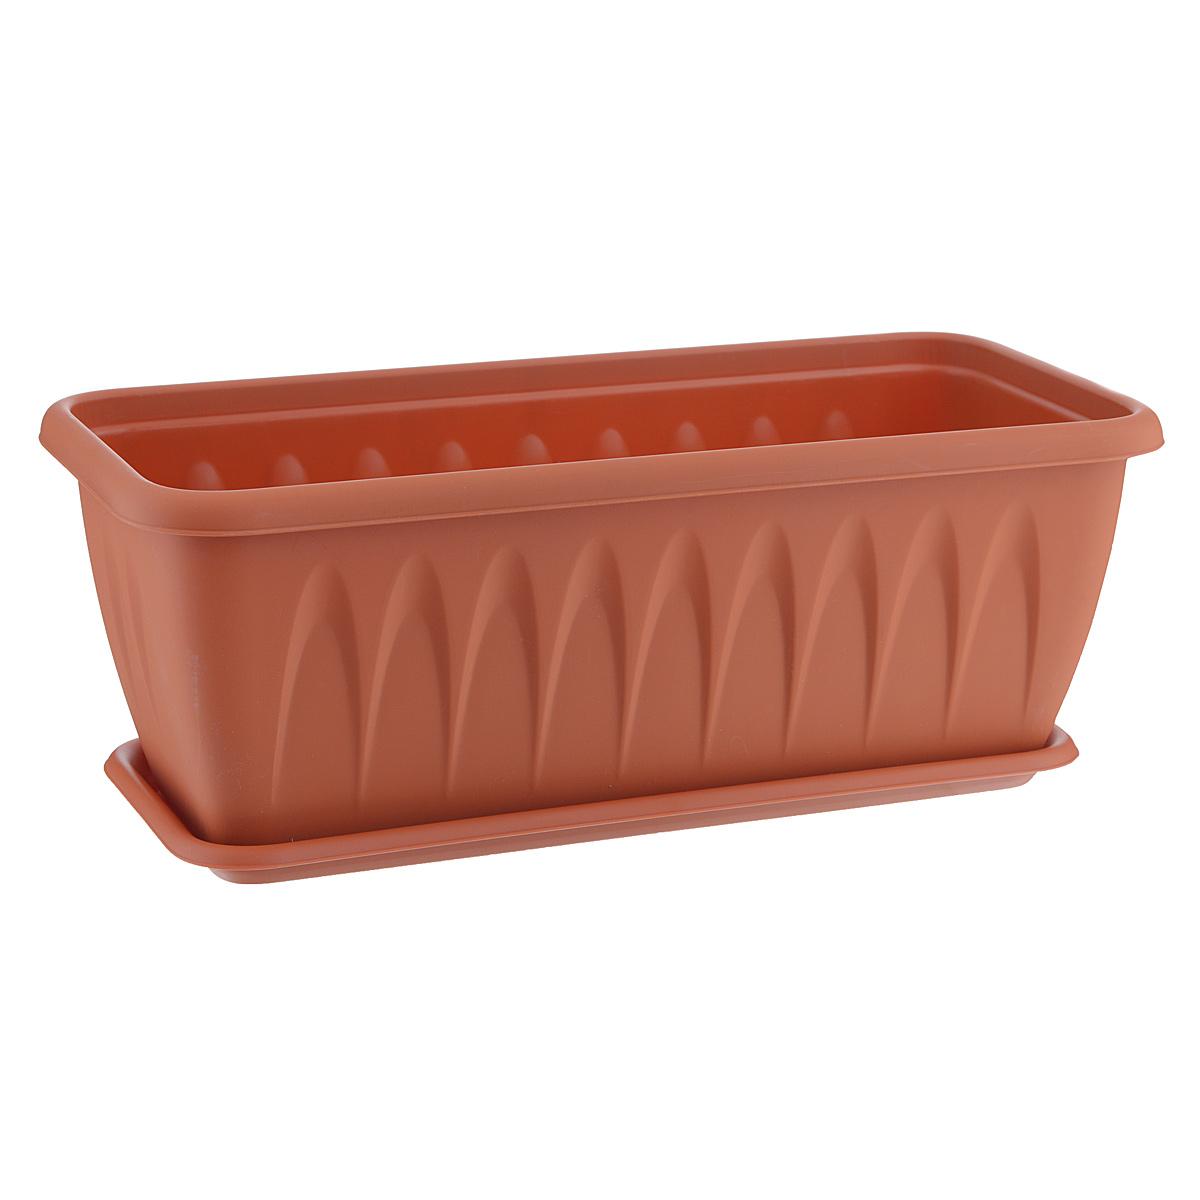 Балконный ящик Idea Алиция, с поддоном, 40 х 18 см13367Балконный ящик Idea Алиция изготовлен из прочного полипропилена (пластика). Снабжен поддоном для стока воды. Изделие прекрасно подходит для выращивания рассады, растений и цветов в домашних условиях.